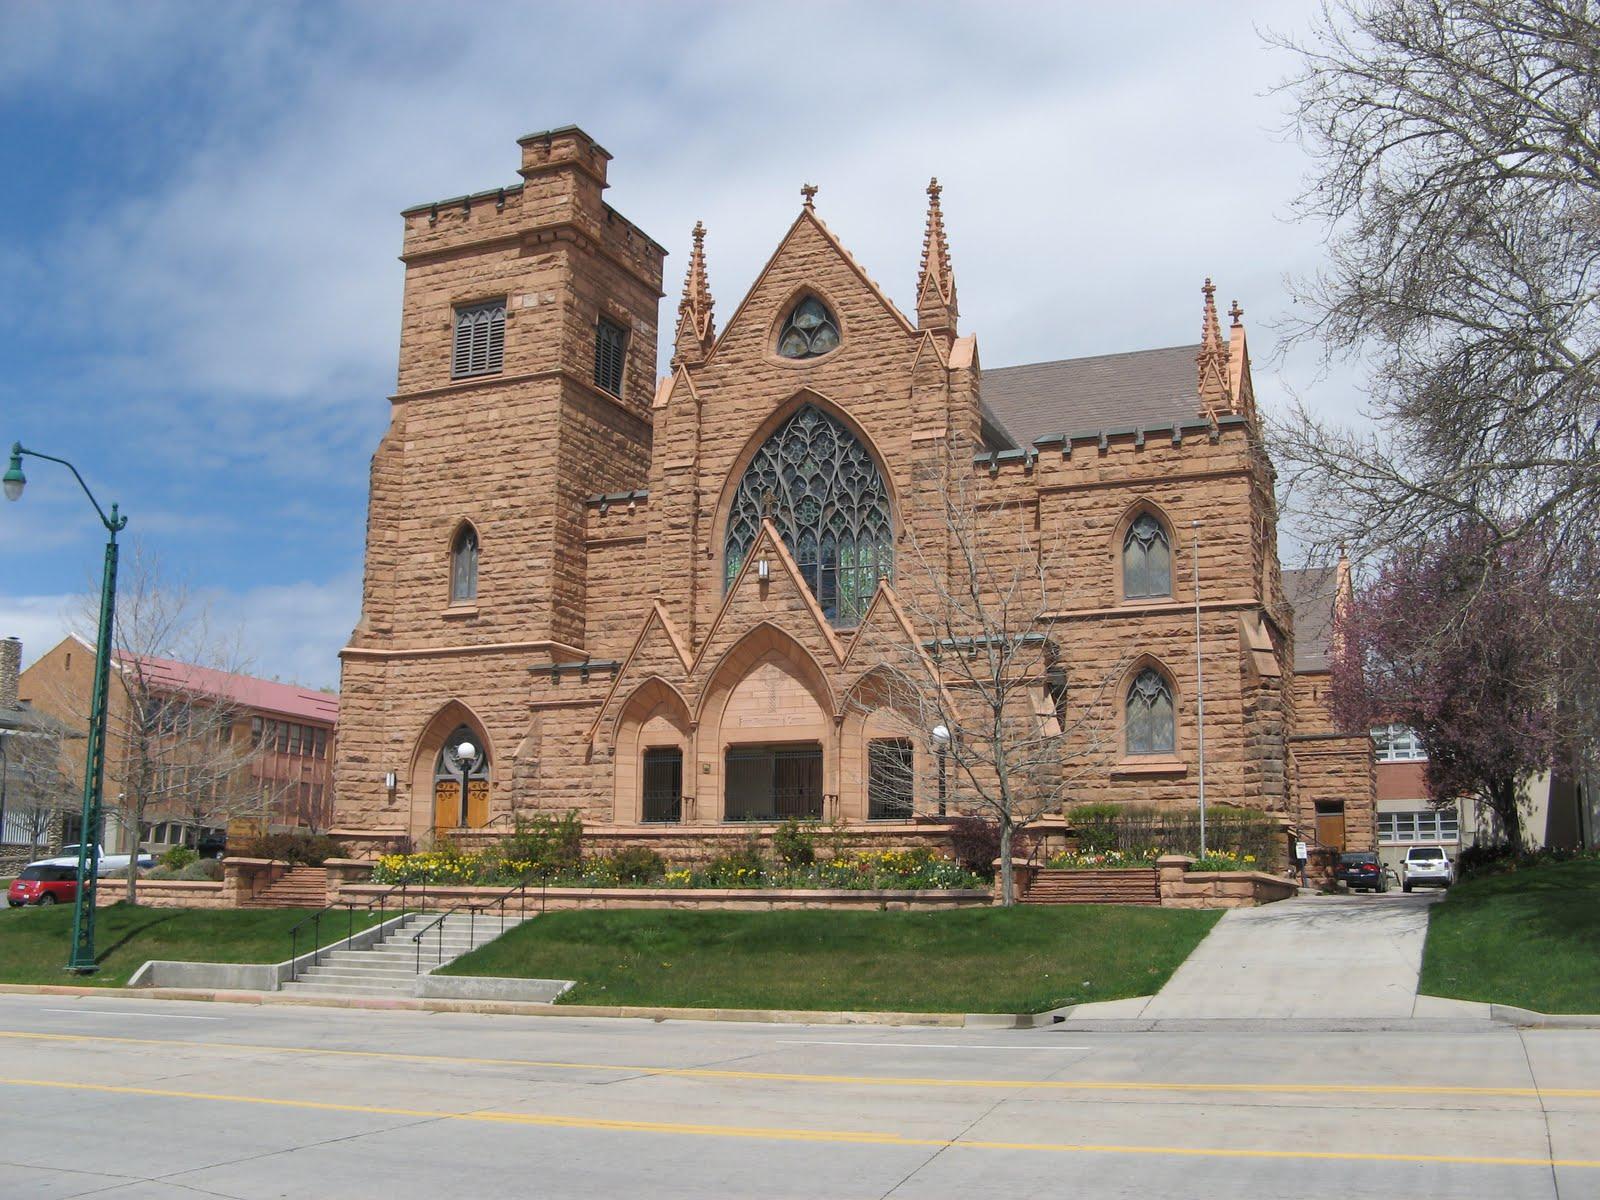 Churches in Salt Lake City Utah - ChurchFinder.com